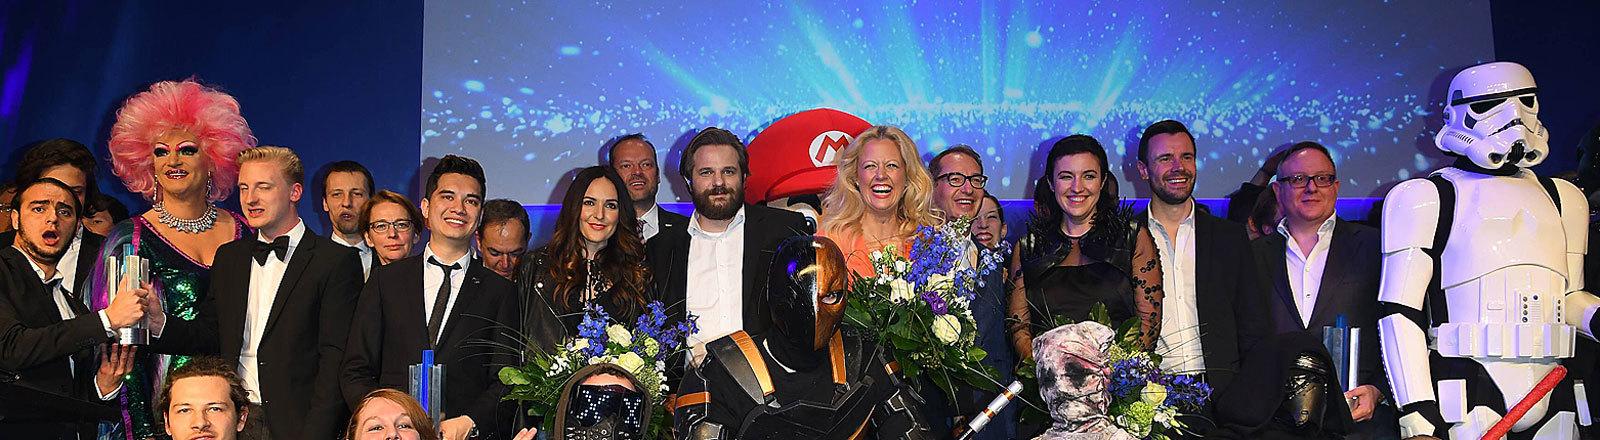 Gruppenbild Verleihung des Deutschen Computerspielpreises 2017 in Berlin